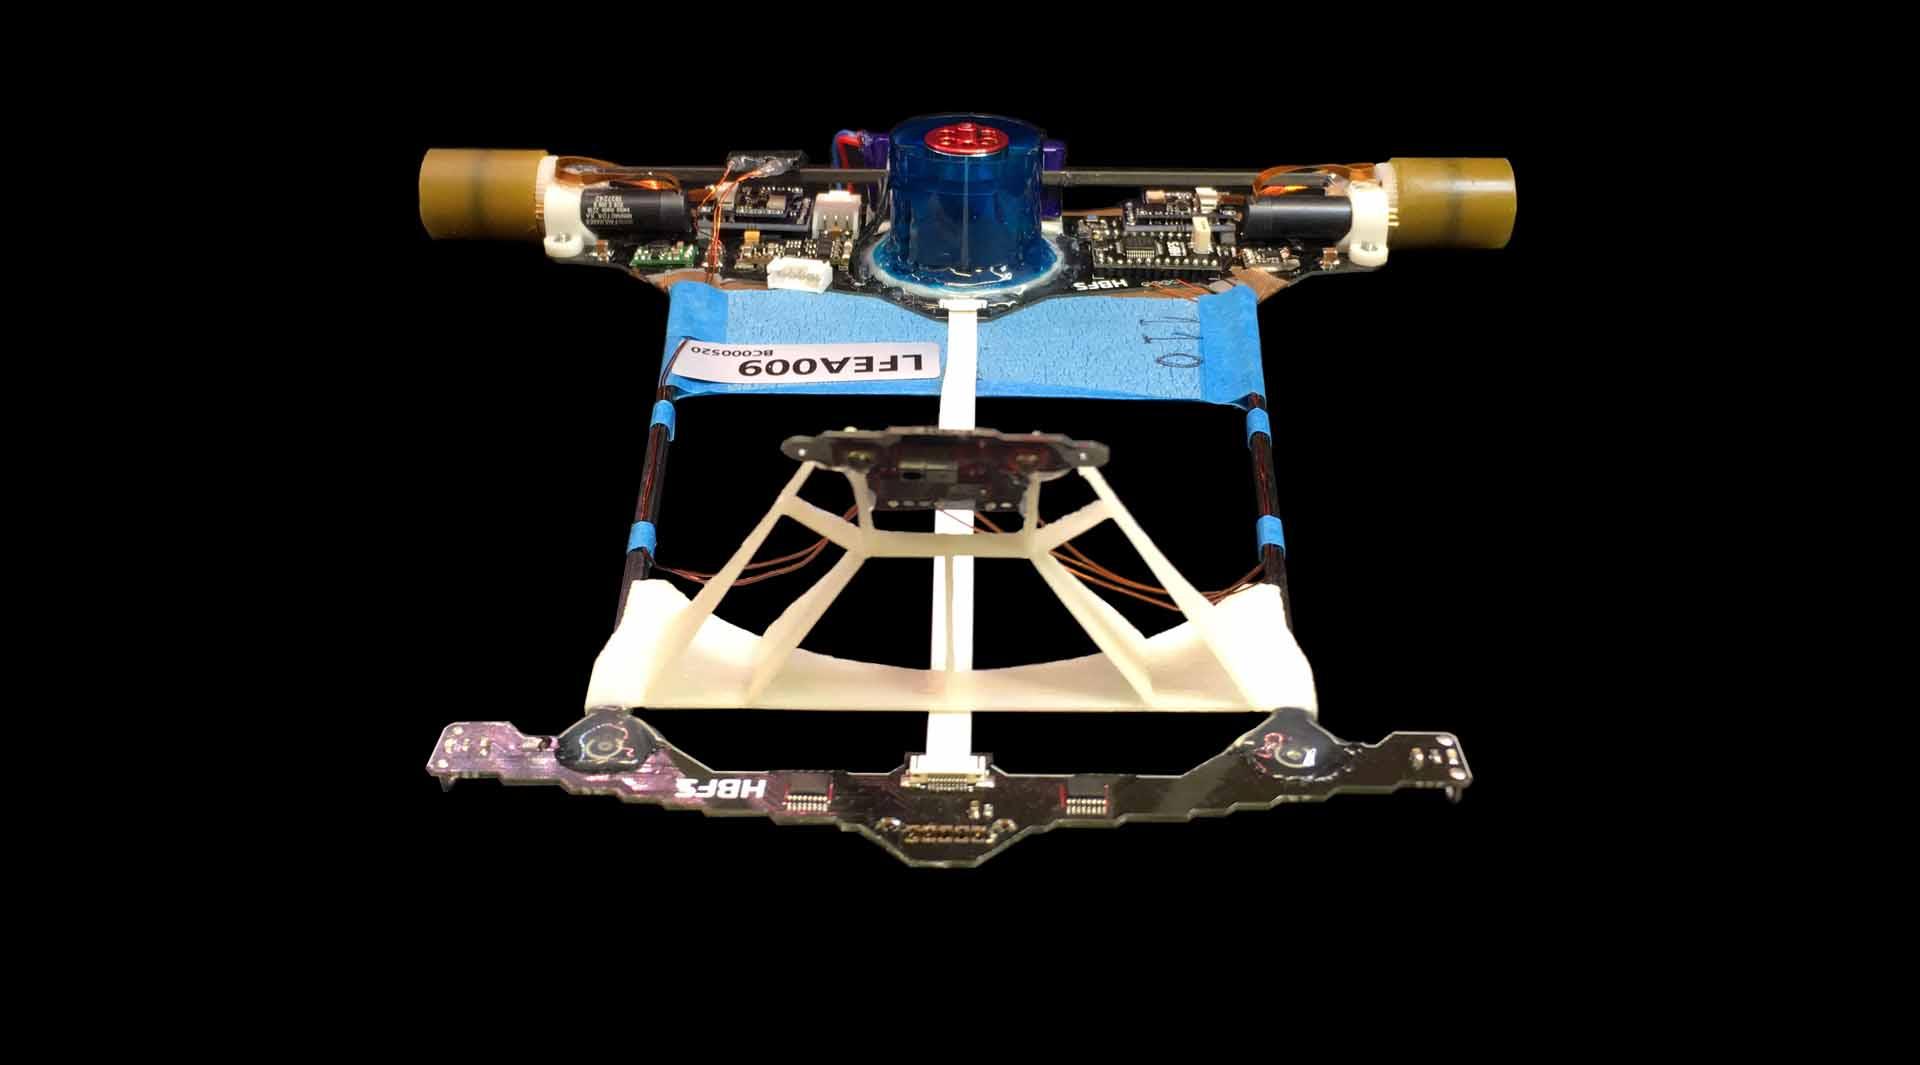 360 Preview of linefollower robot